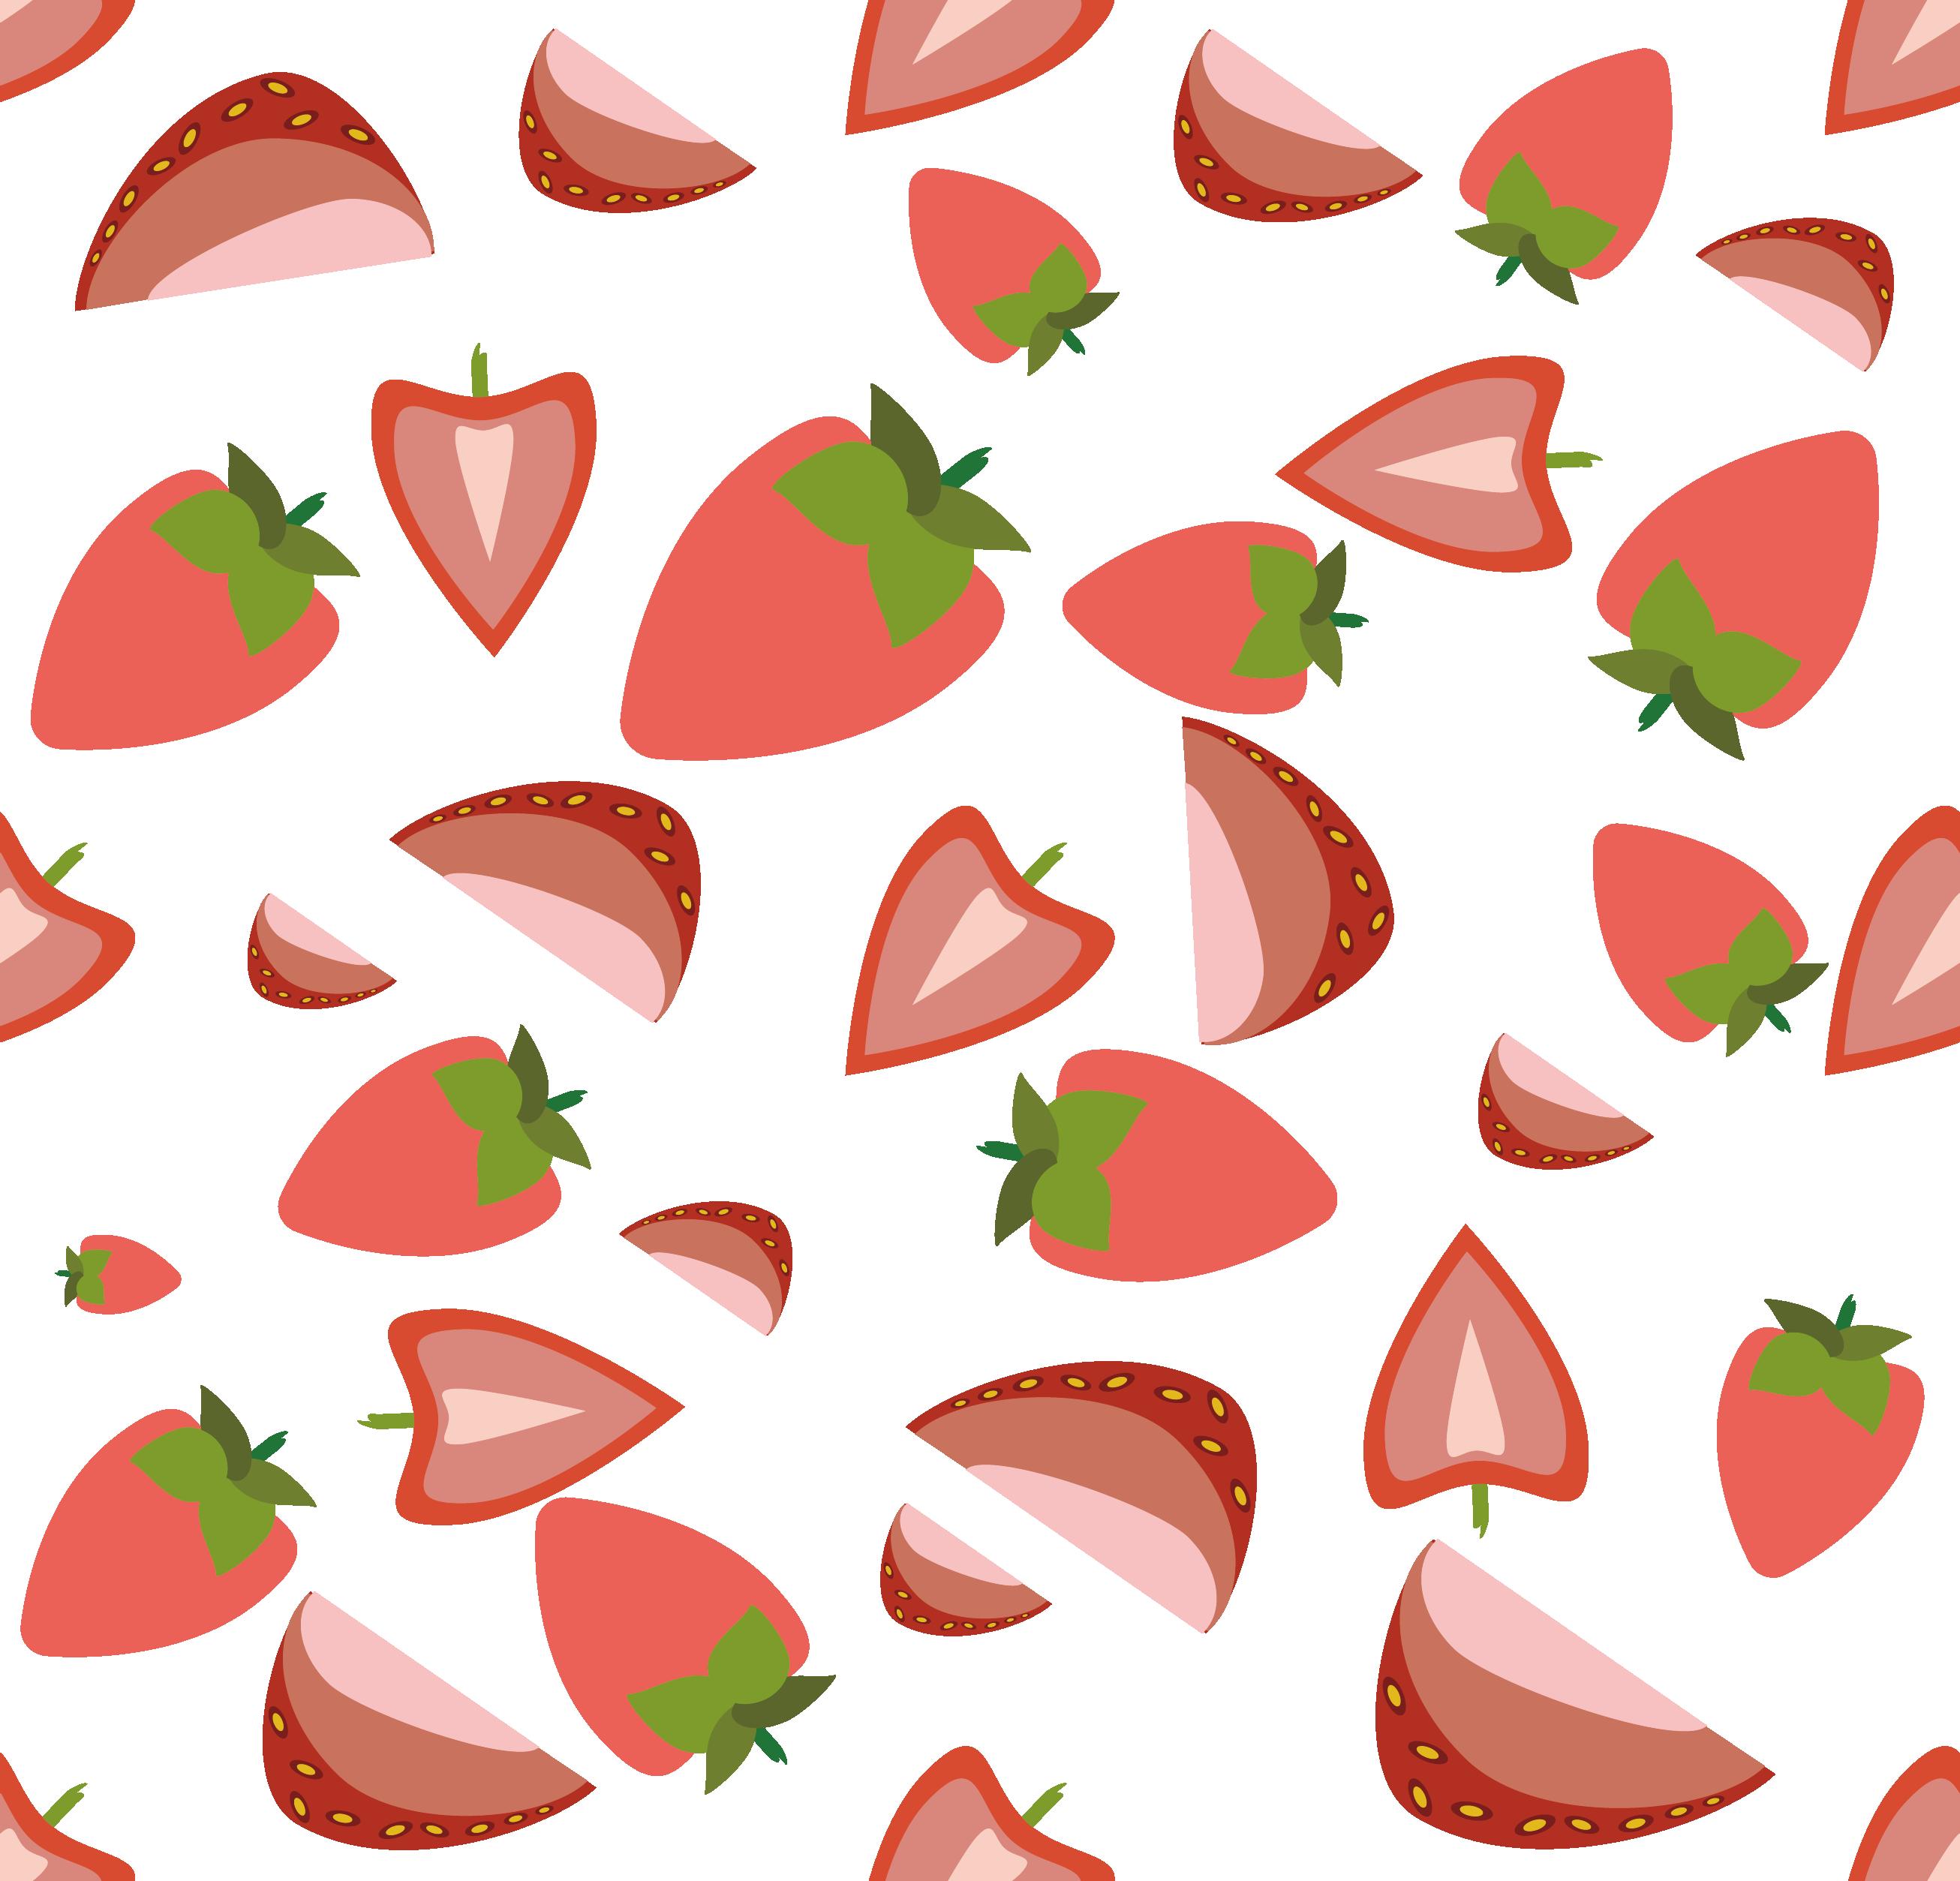 Strawberries clipart pink strawberry. Aedmaasikas fruit cartoon pattern